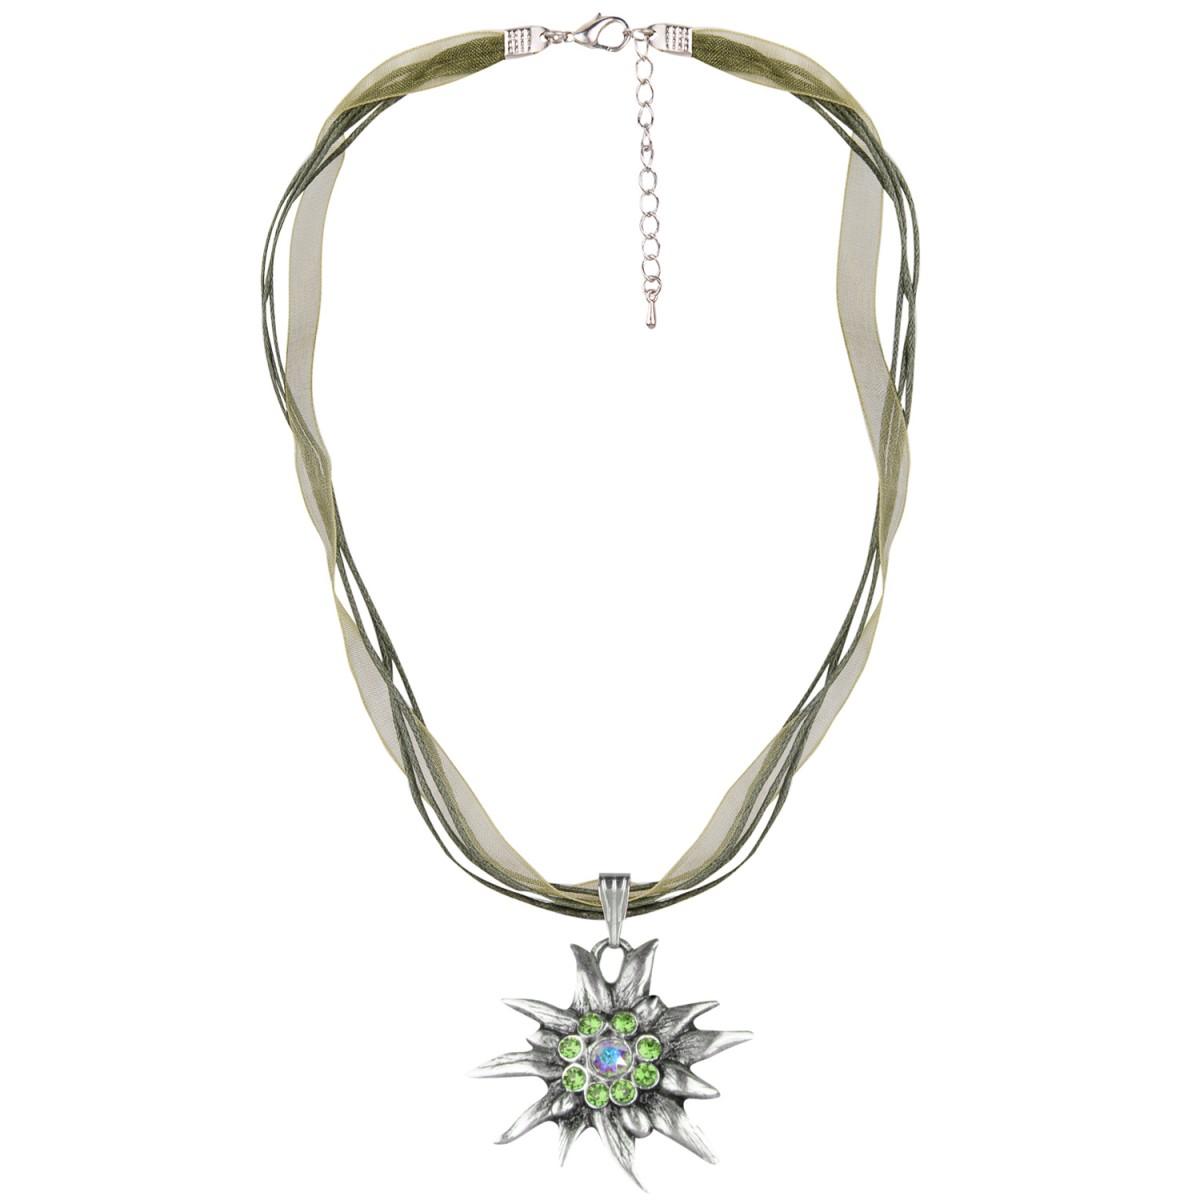 Halskette mit Edelweißanhänger in Grün von Schlick Accessoires günstig online kaufen